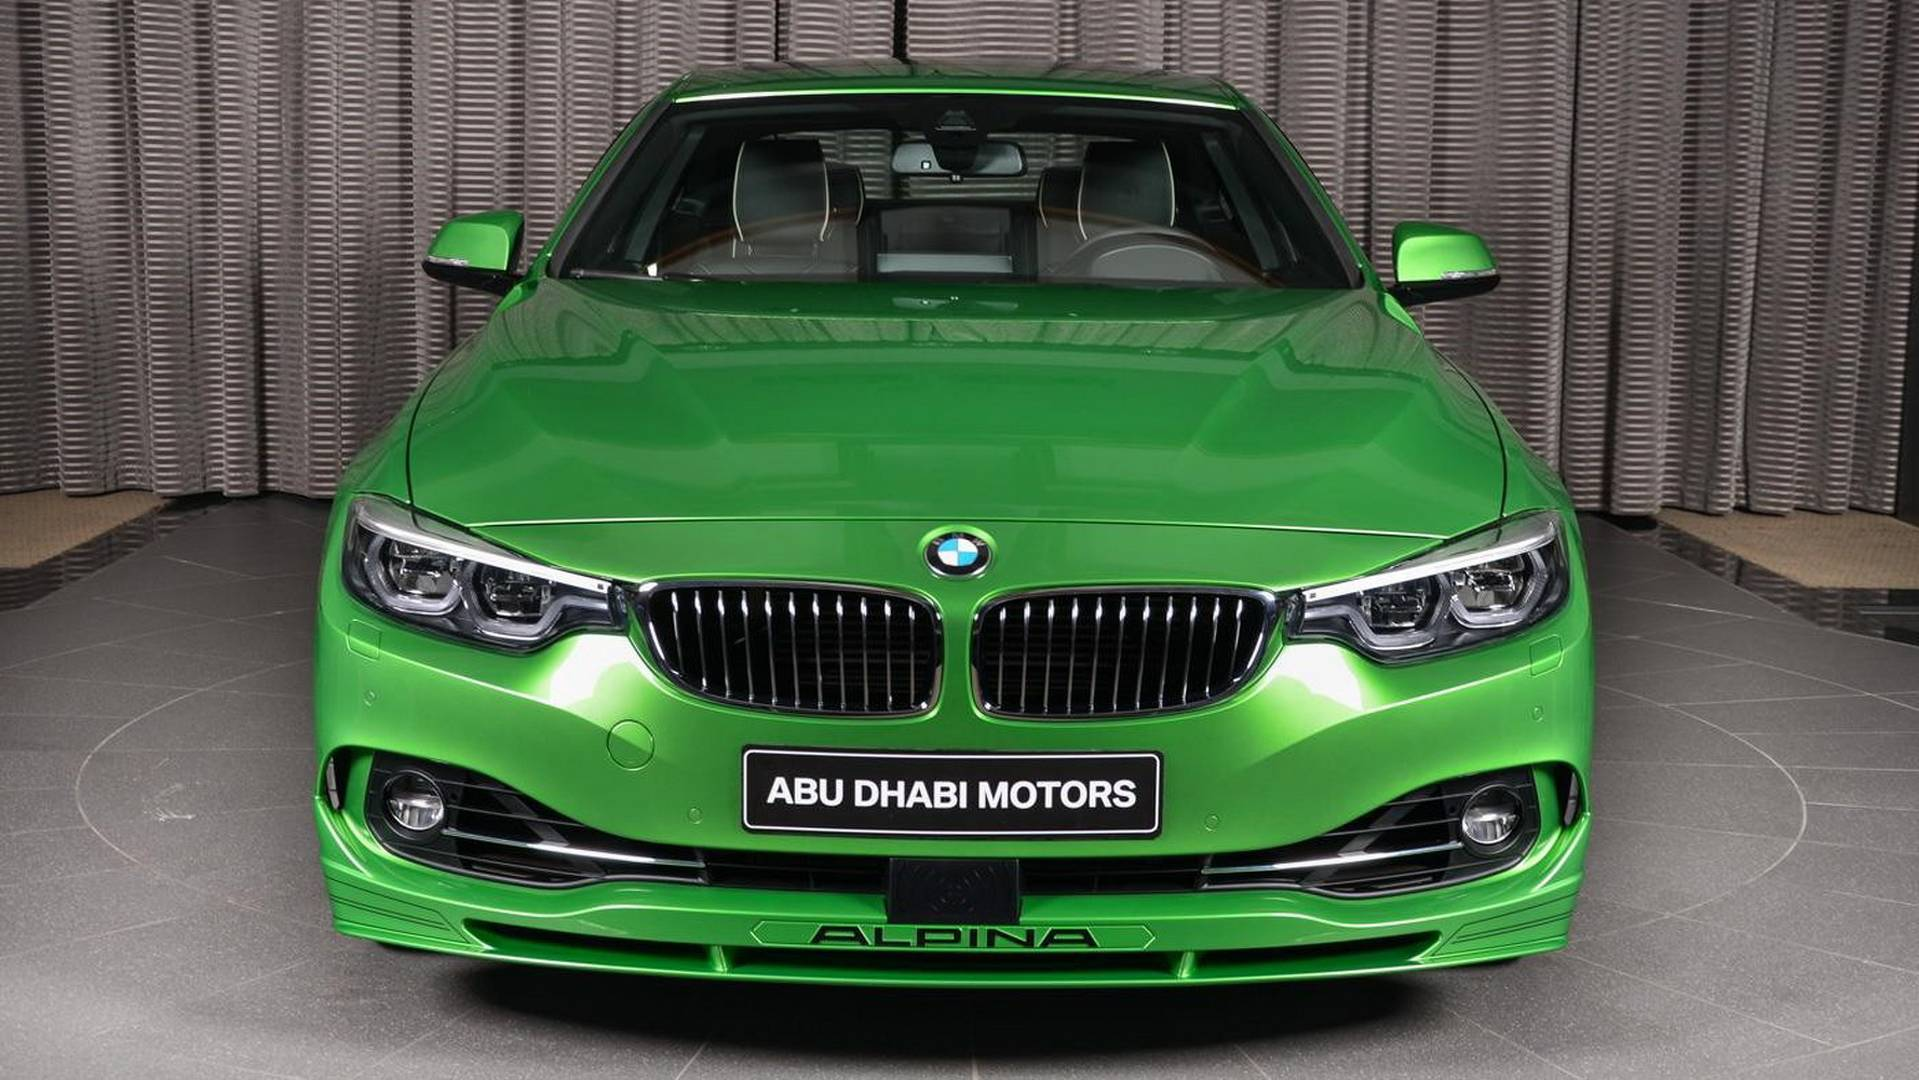 BMW Alpina B S Rallye Green Is Exclusivity At Its Finest - Alpina motors